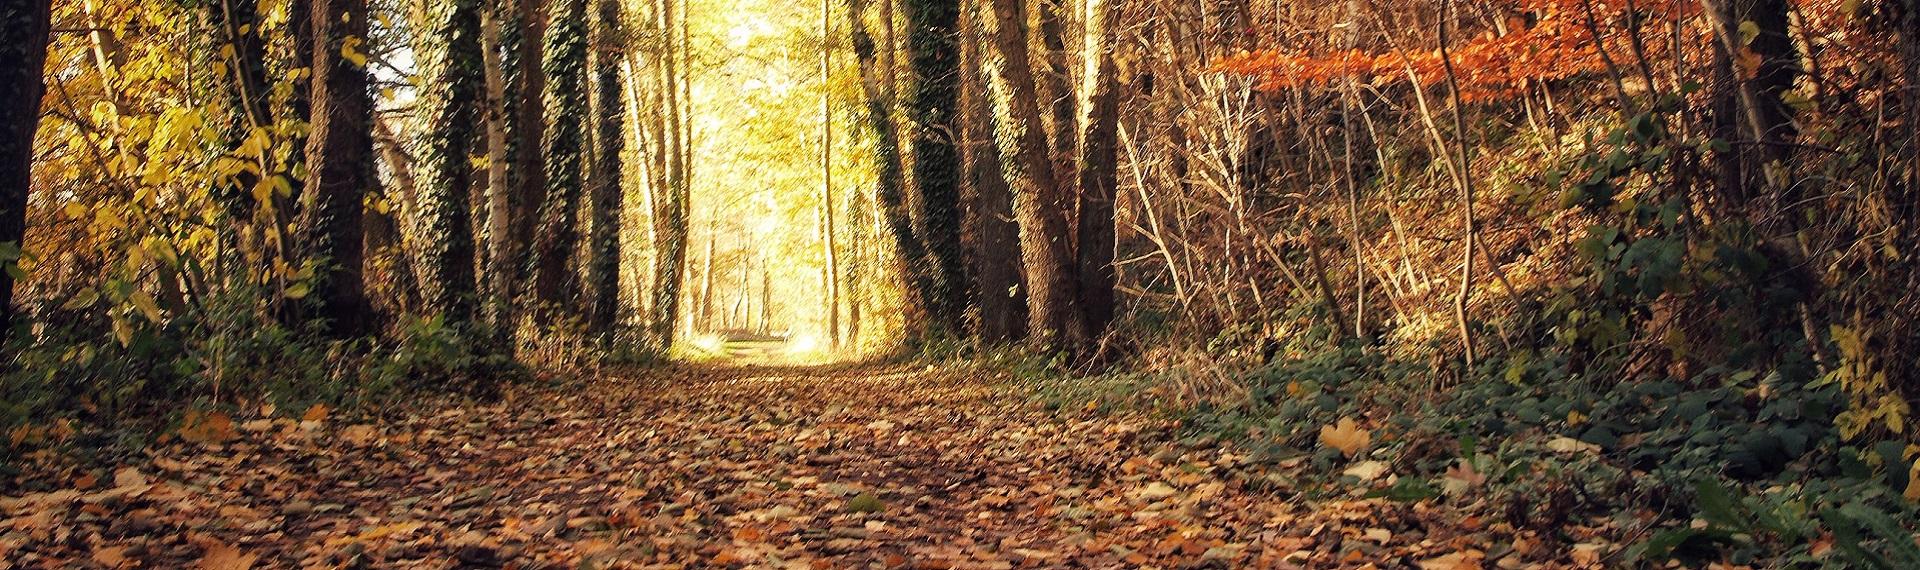 Herbst Wald_Laub